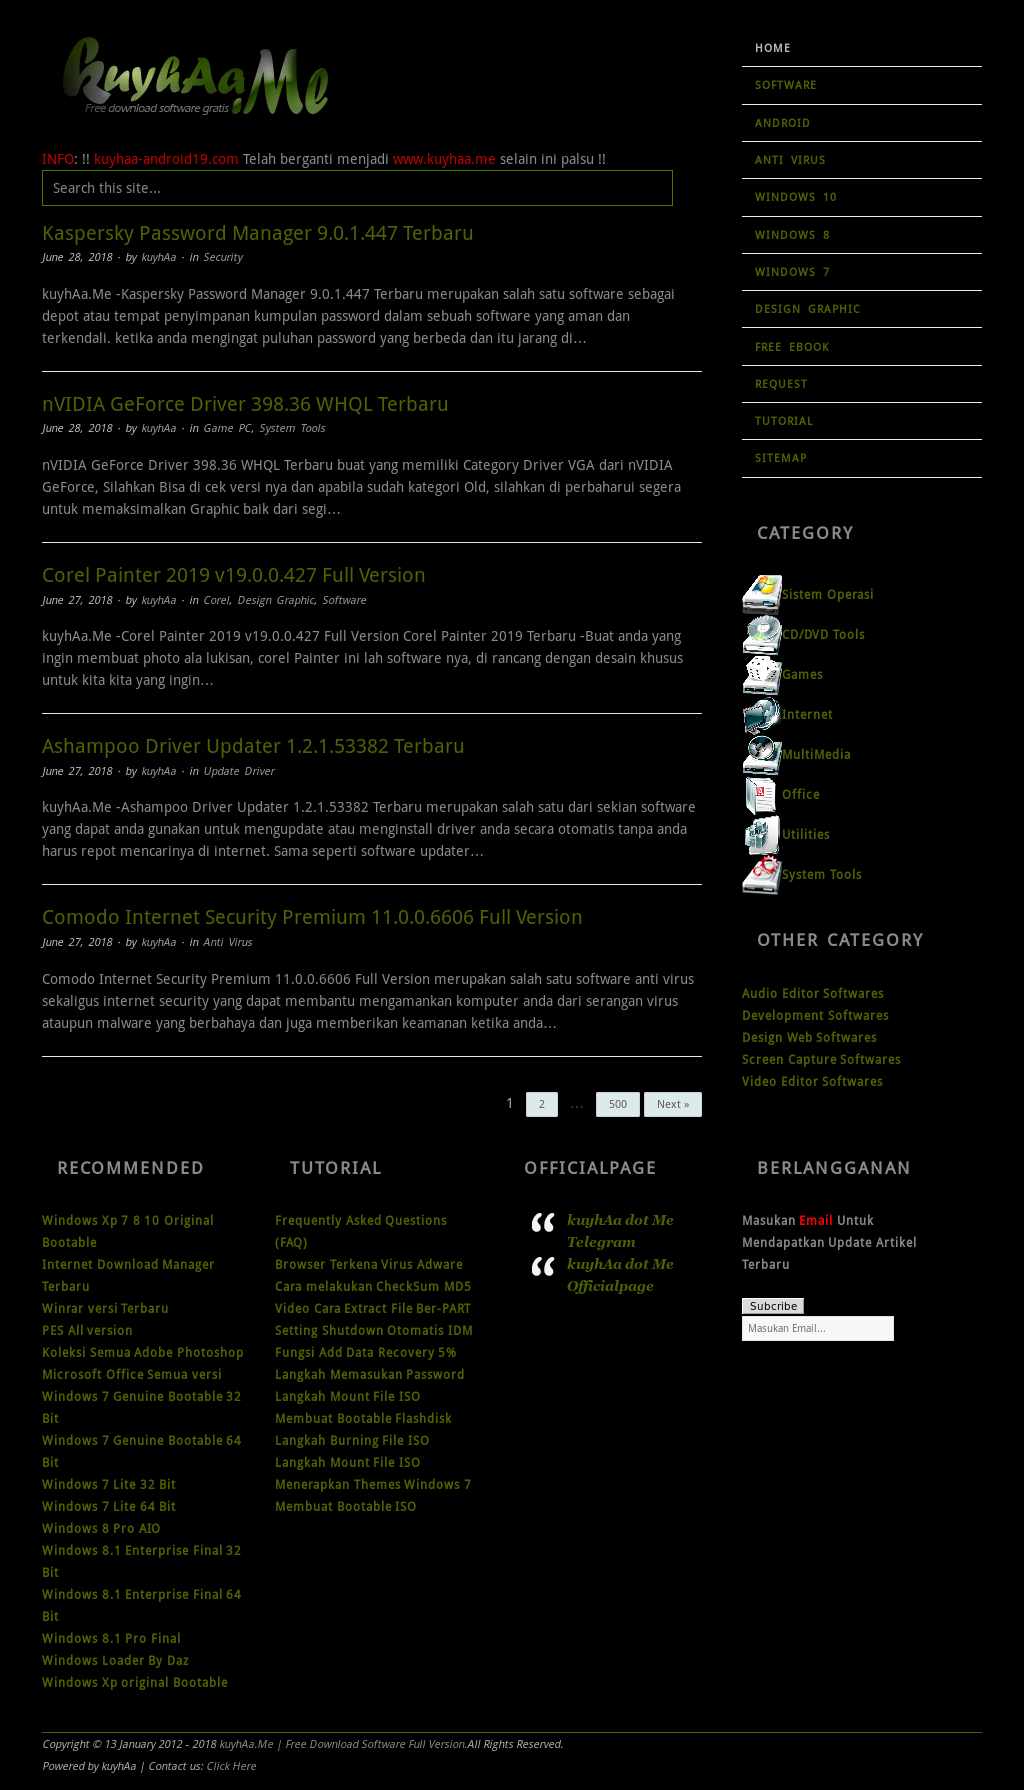 ProcessChecker- Foxit Software Inc. info